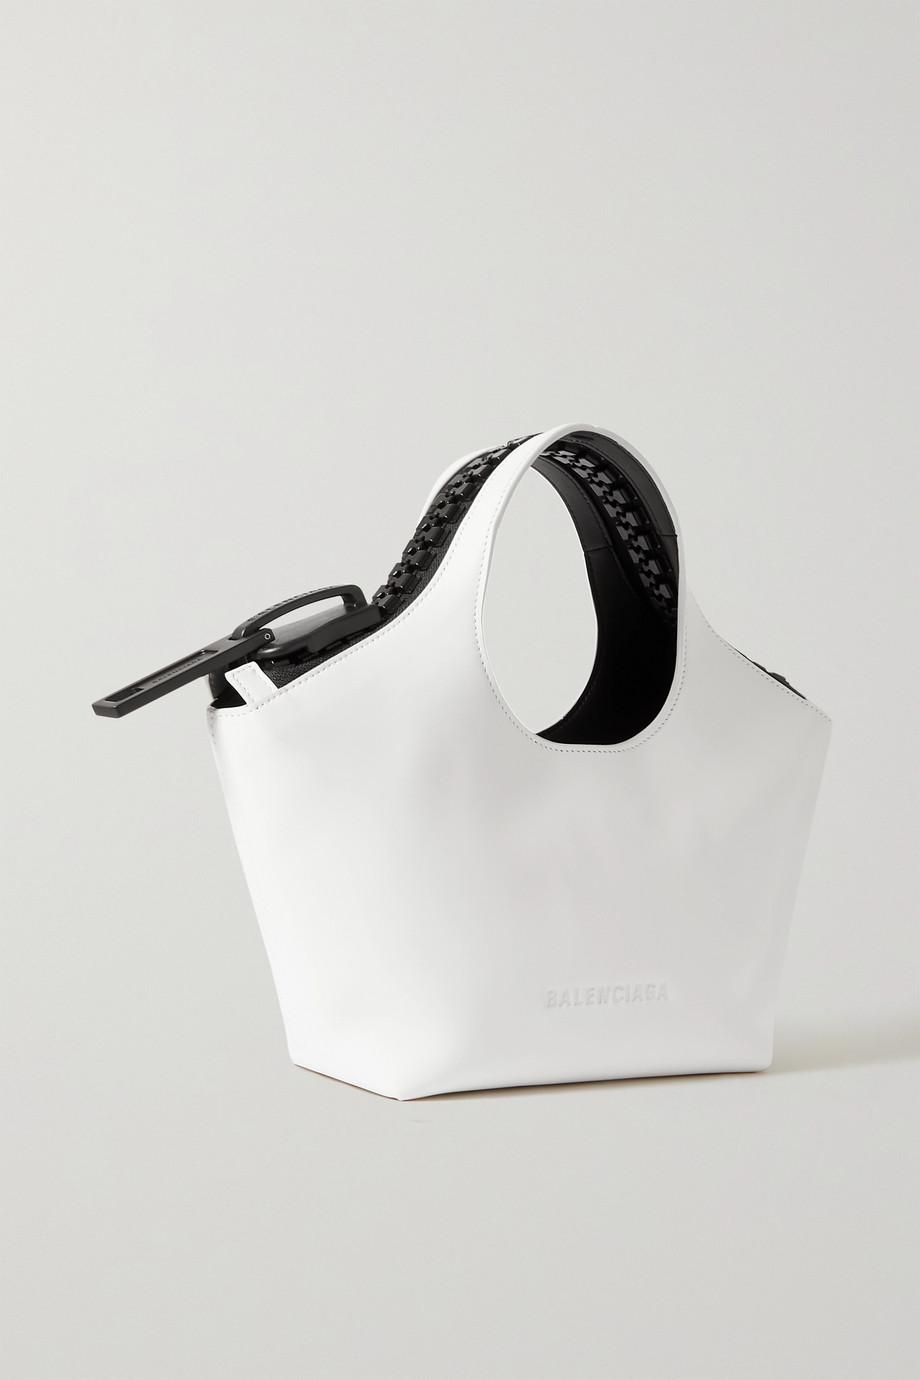 Balenciaga Sac à main en cuir Megazip